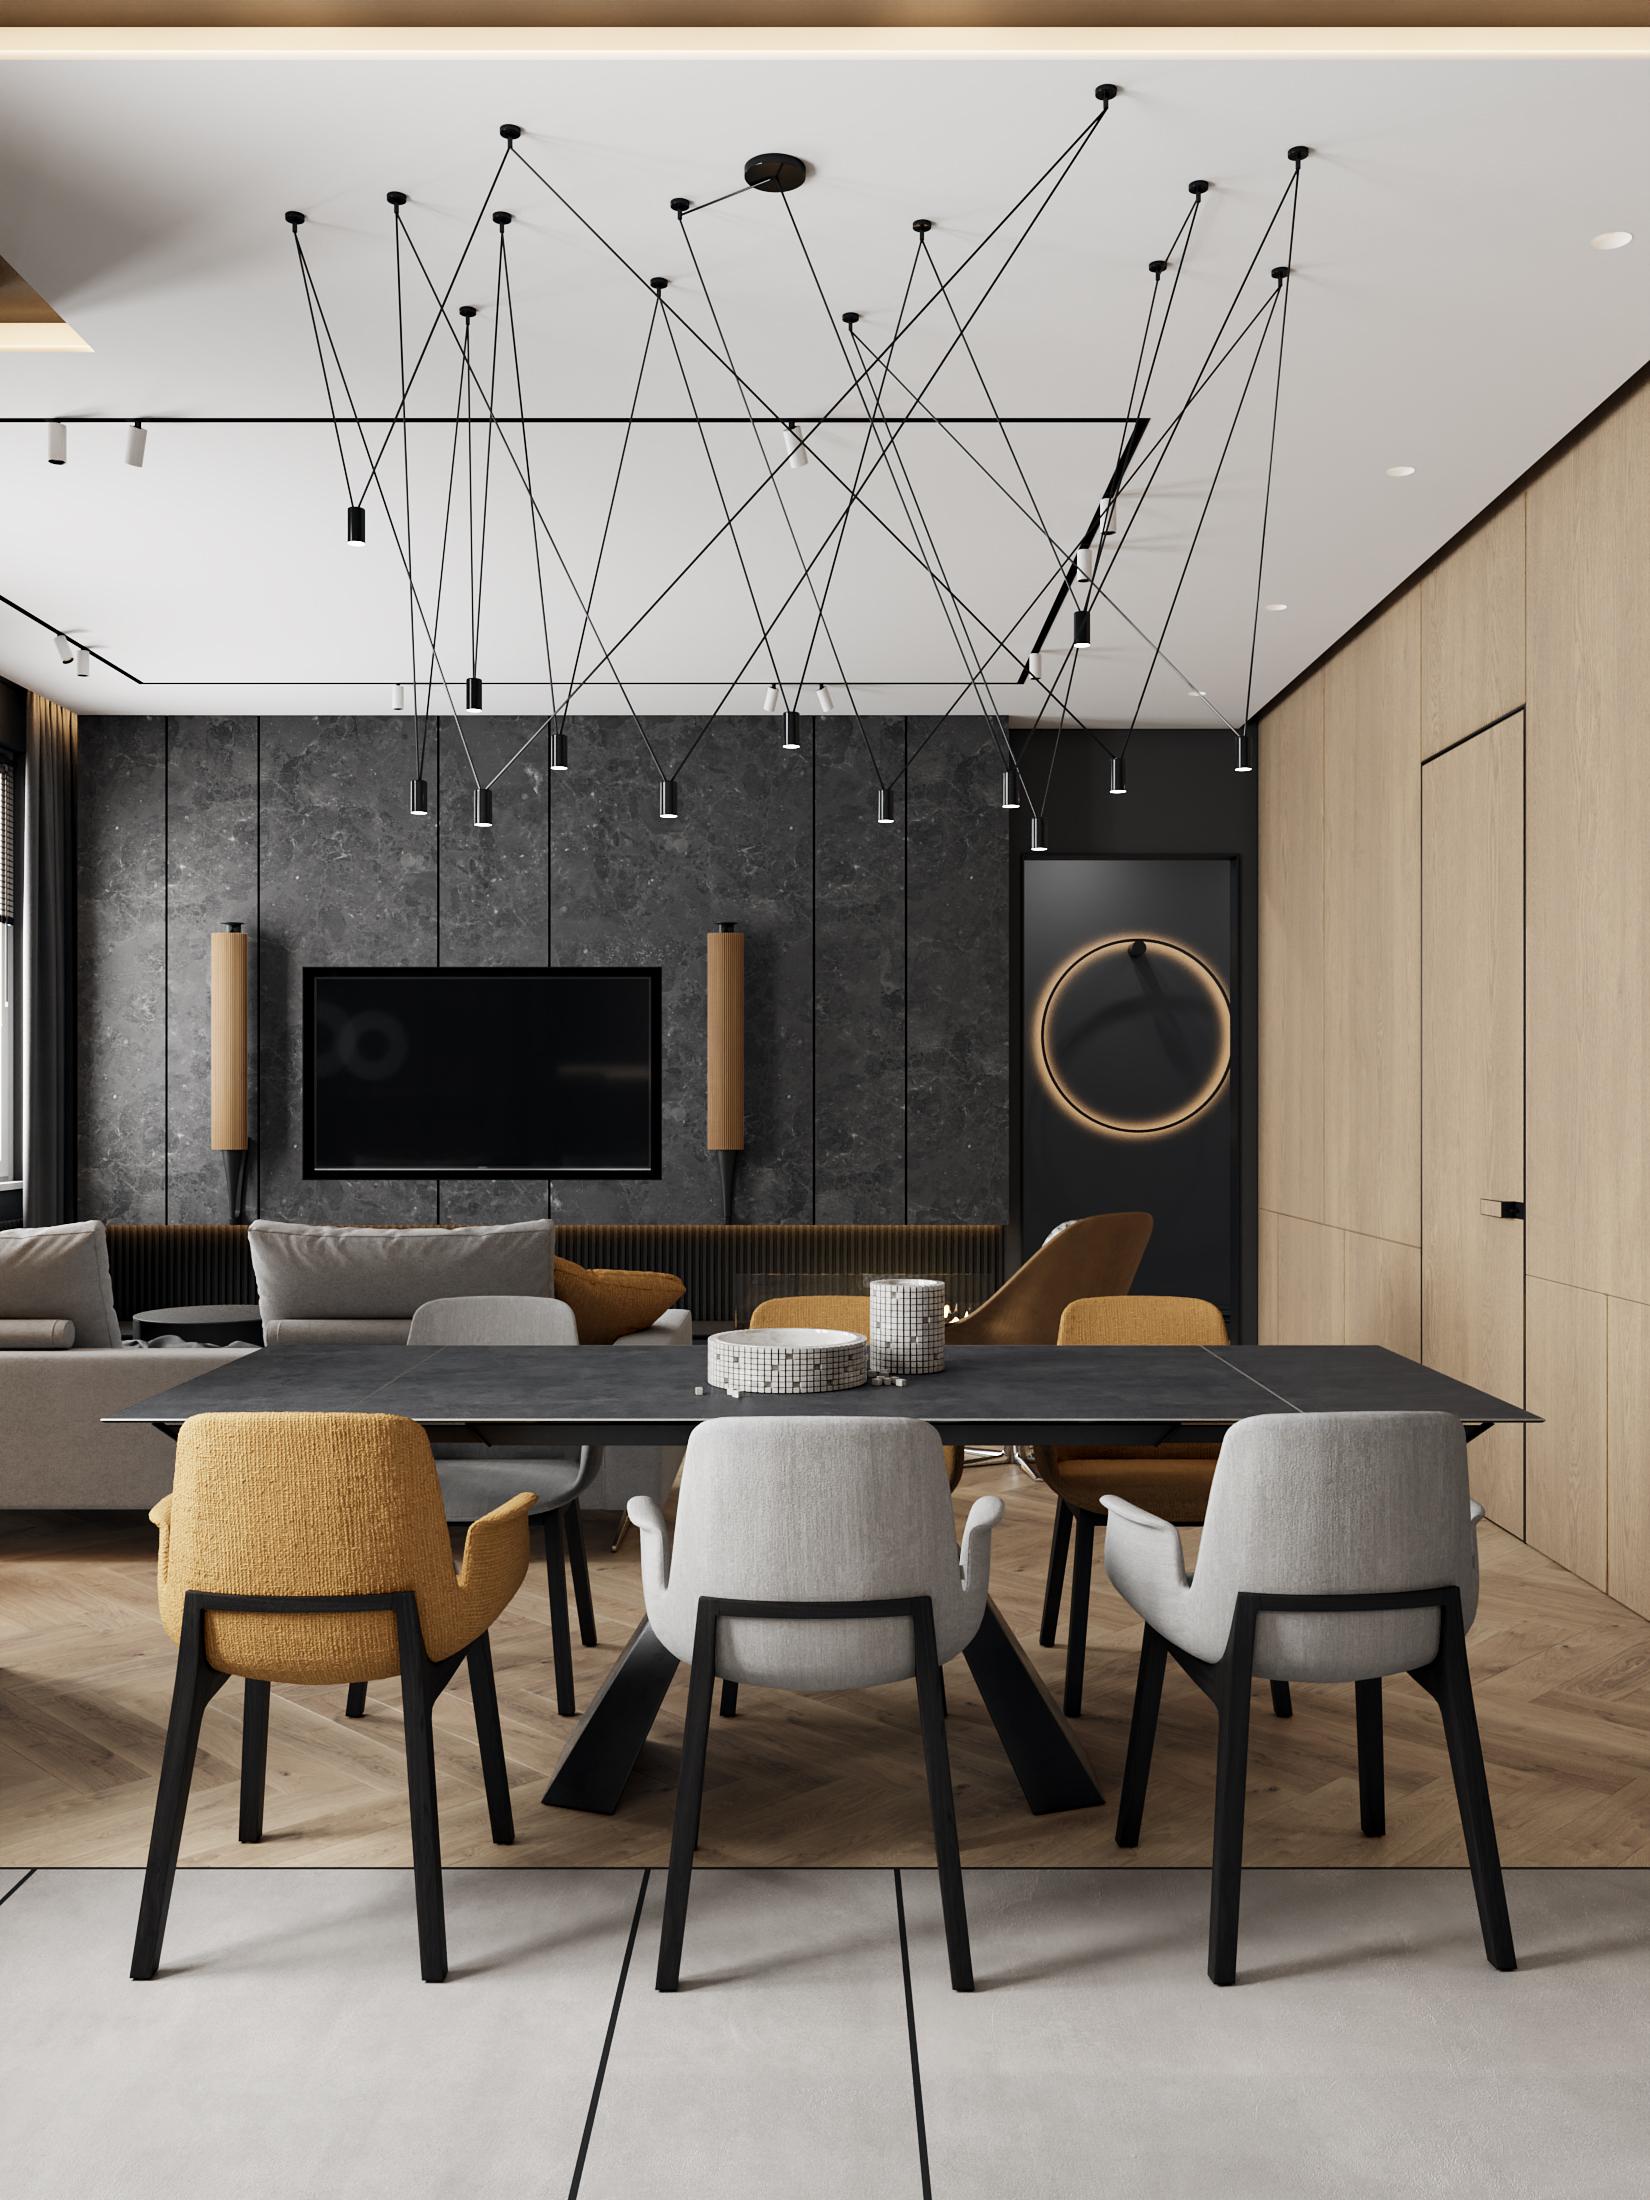 DE & DE Incredible Dining Room Designs By A Top Design Studio_2